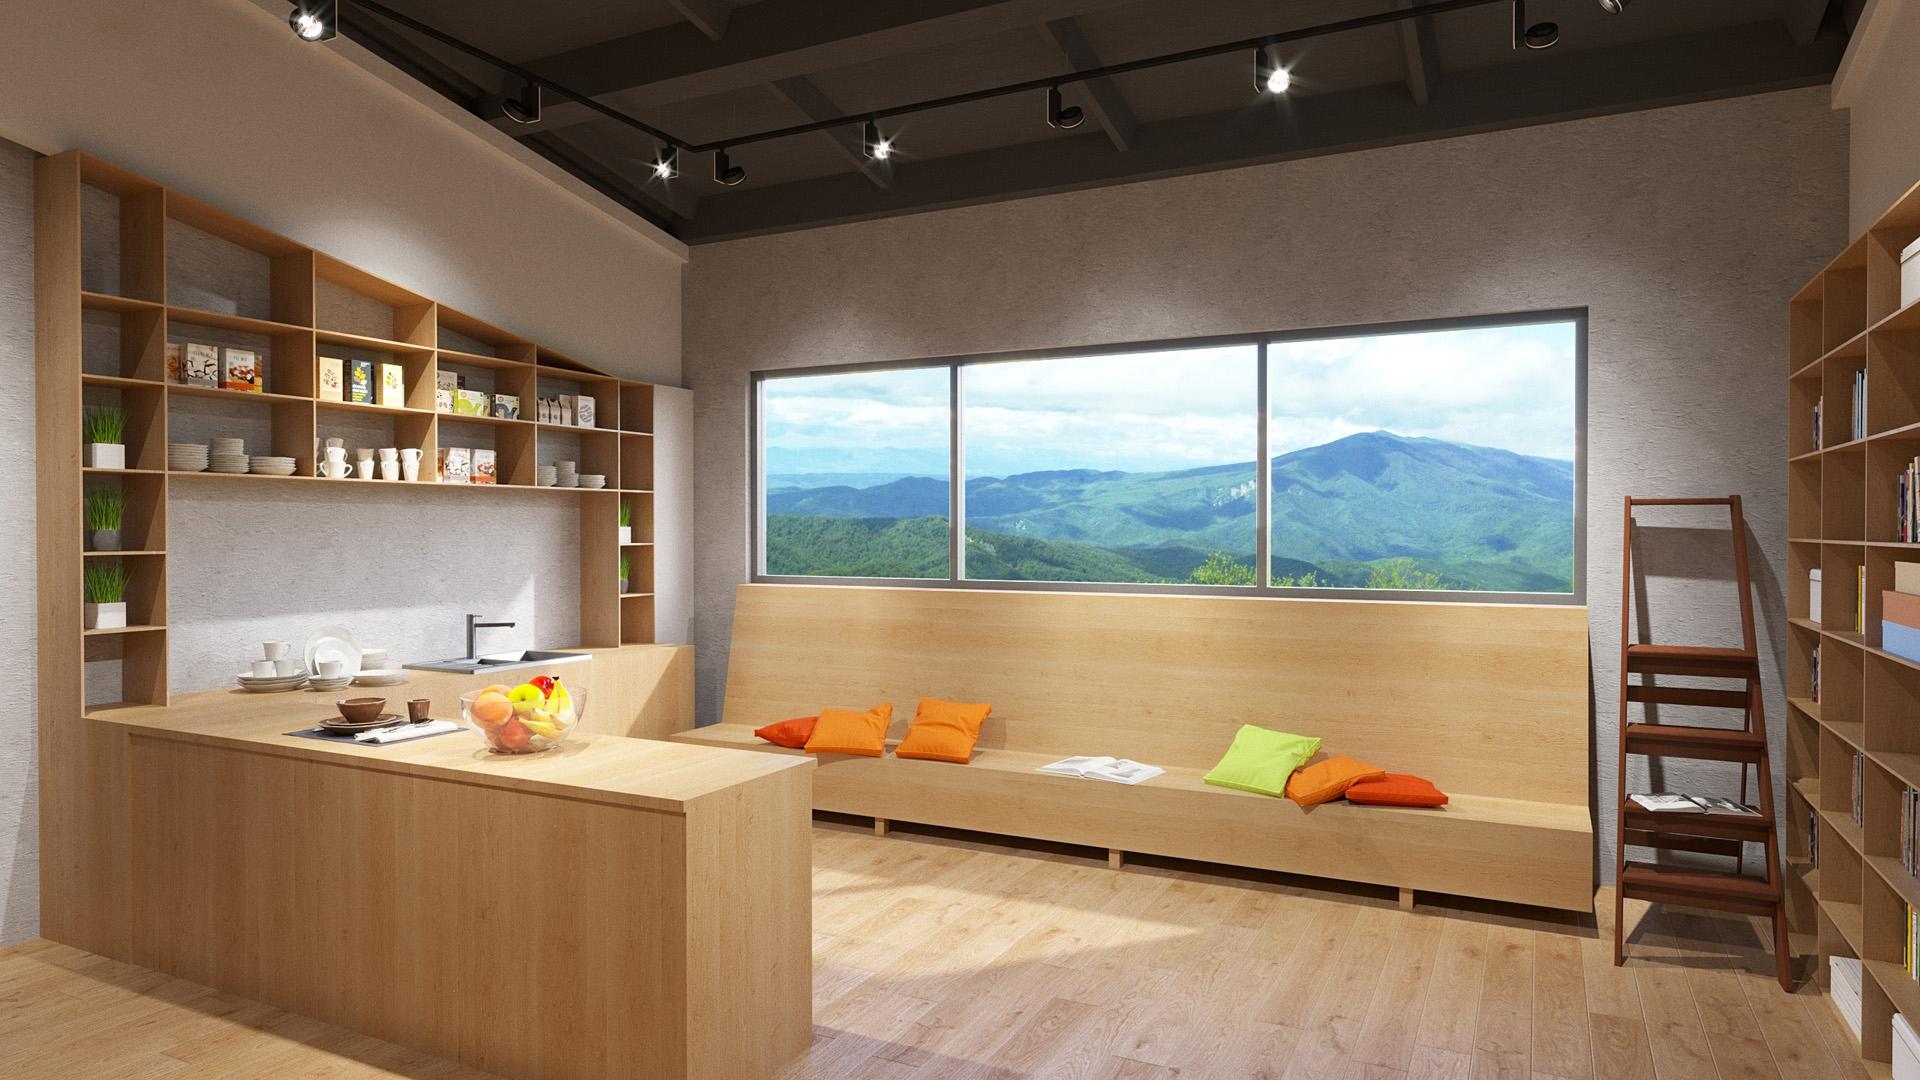 Изображение для проекта Учебный зал центра гуманной педагогики в Грузии 2027